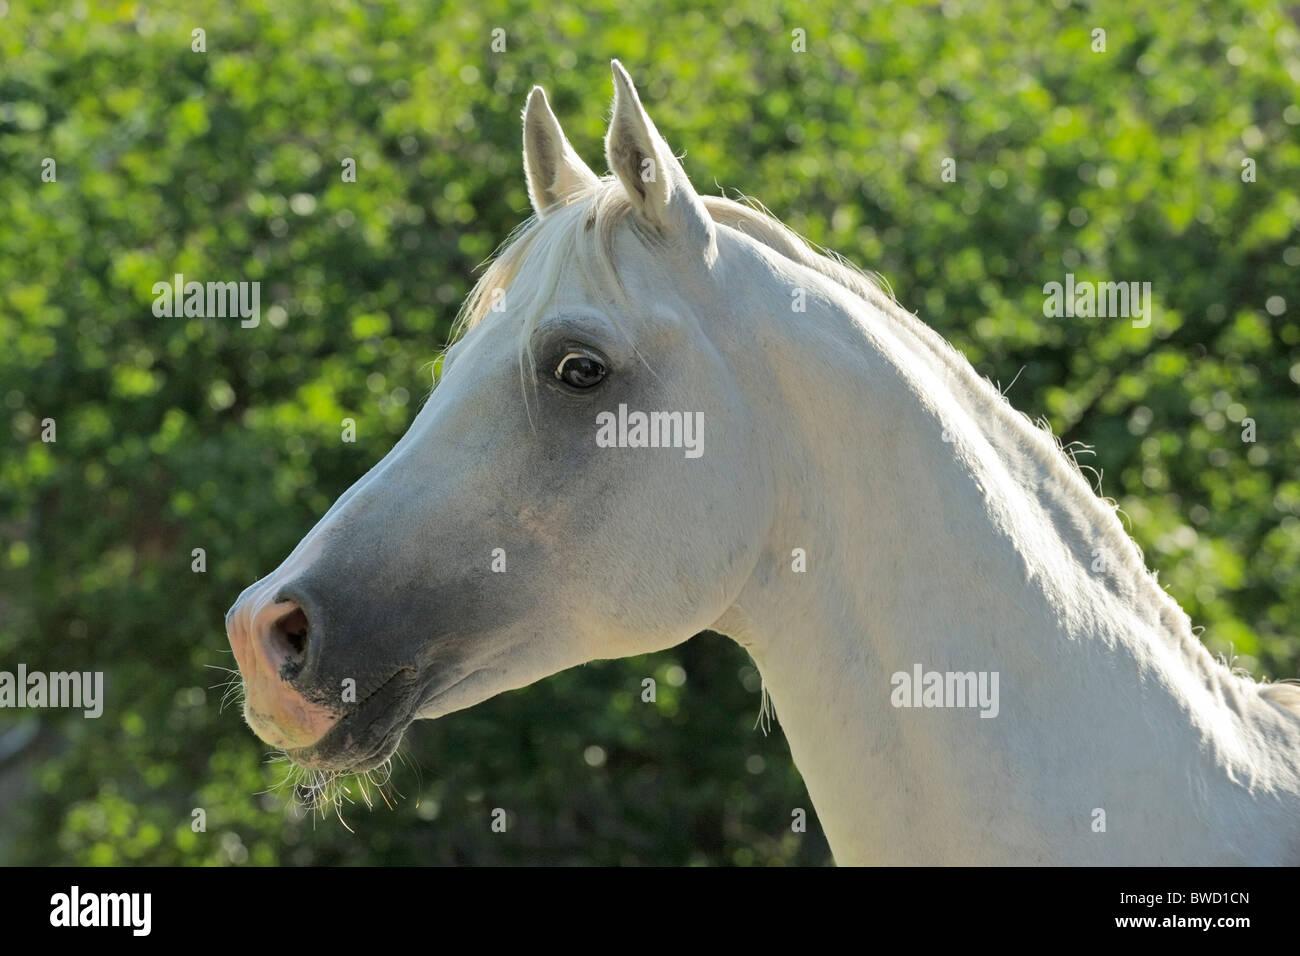 Arab horse stallion - Stock Image